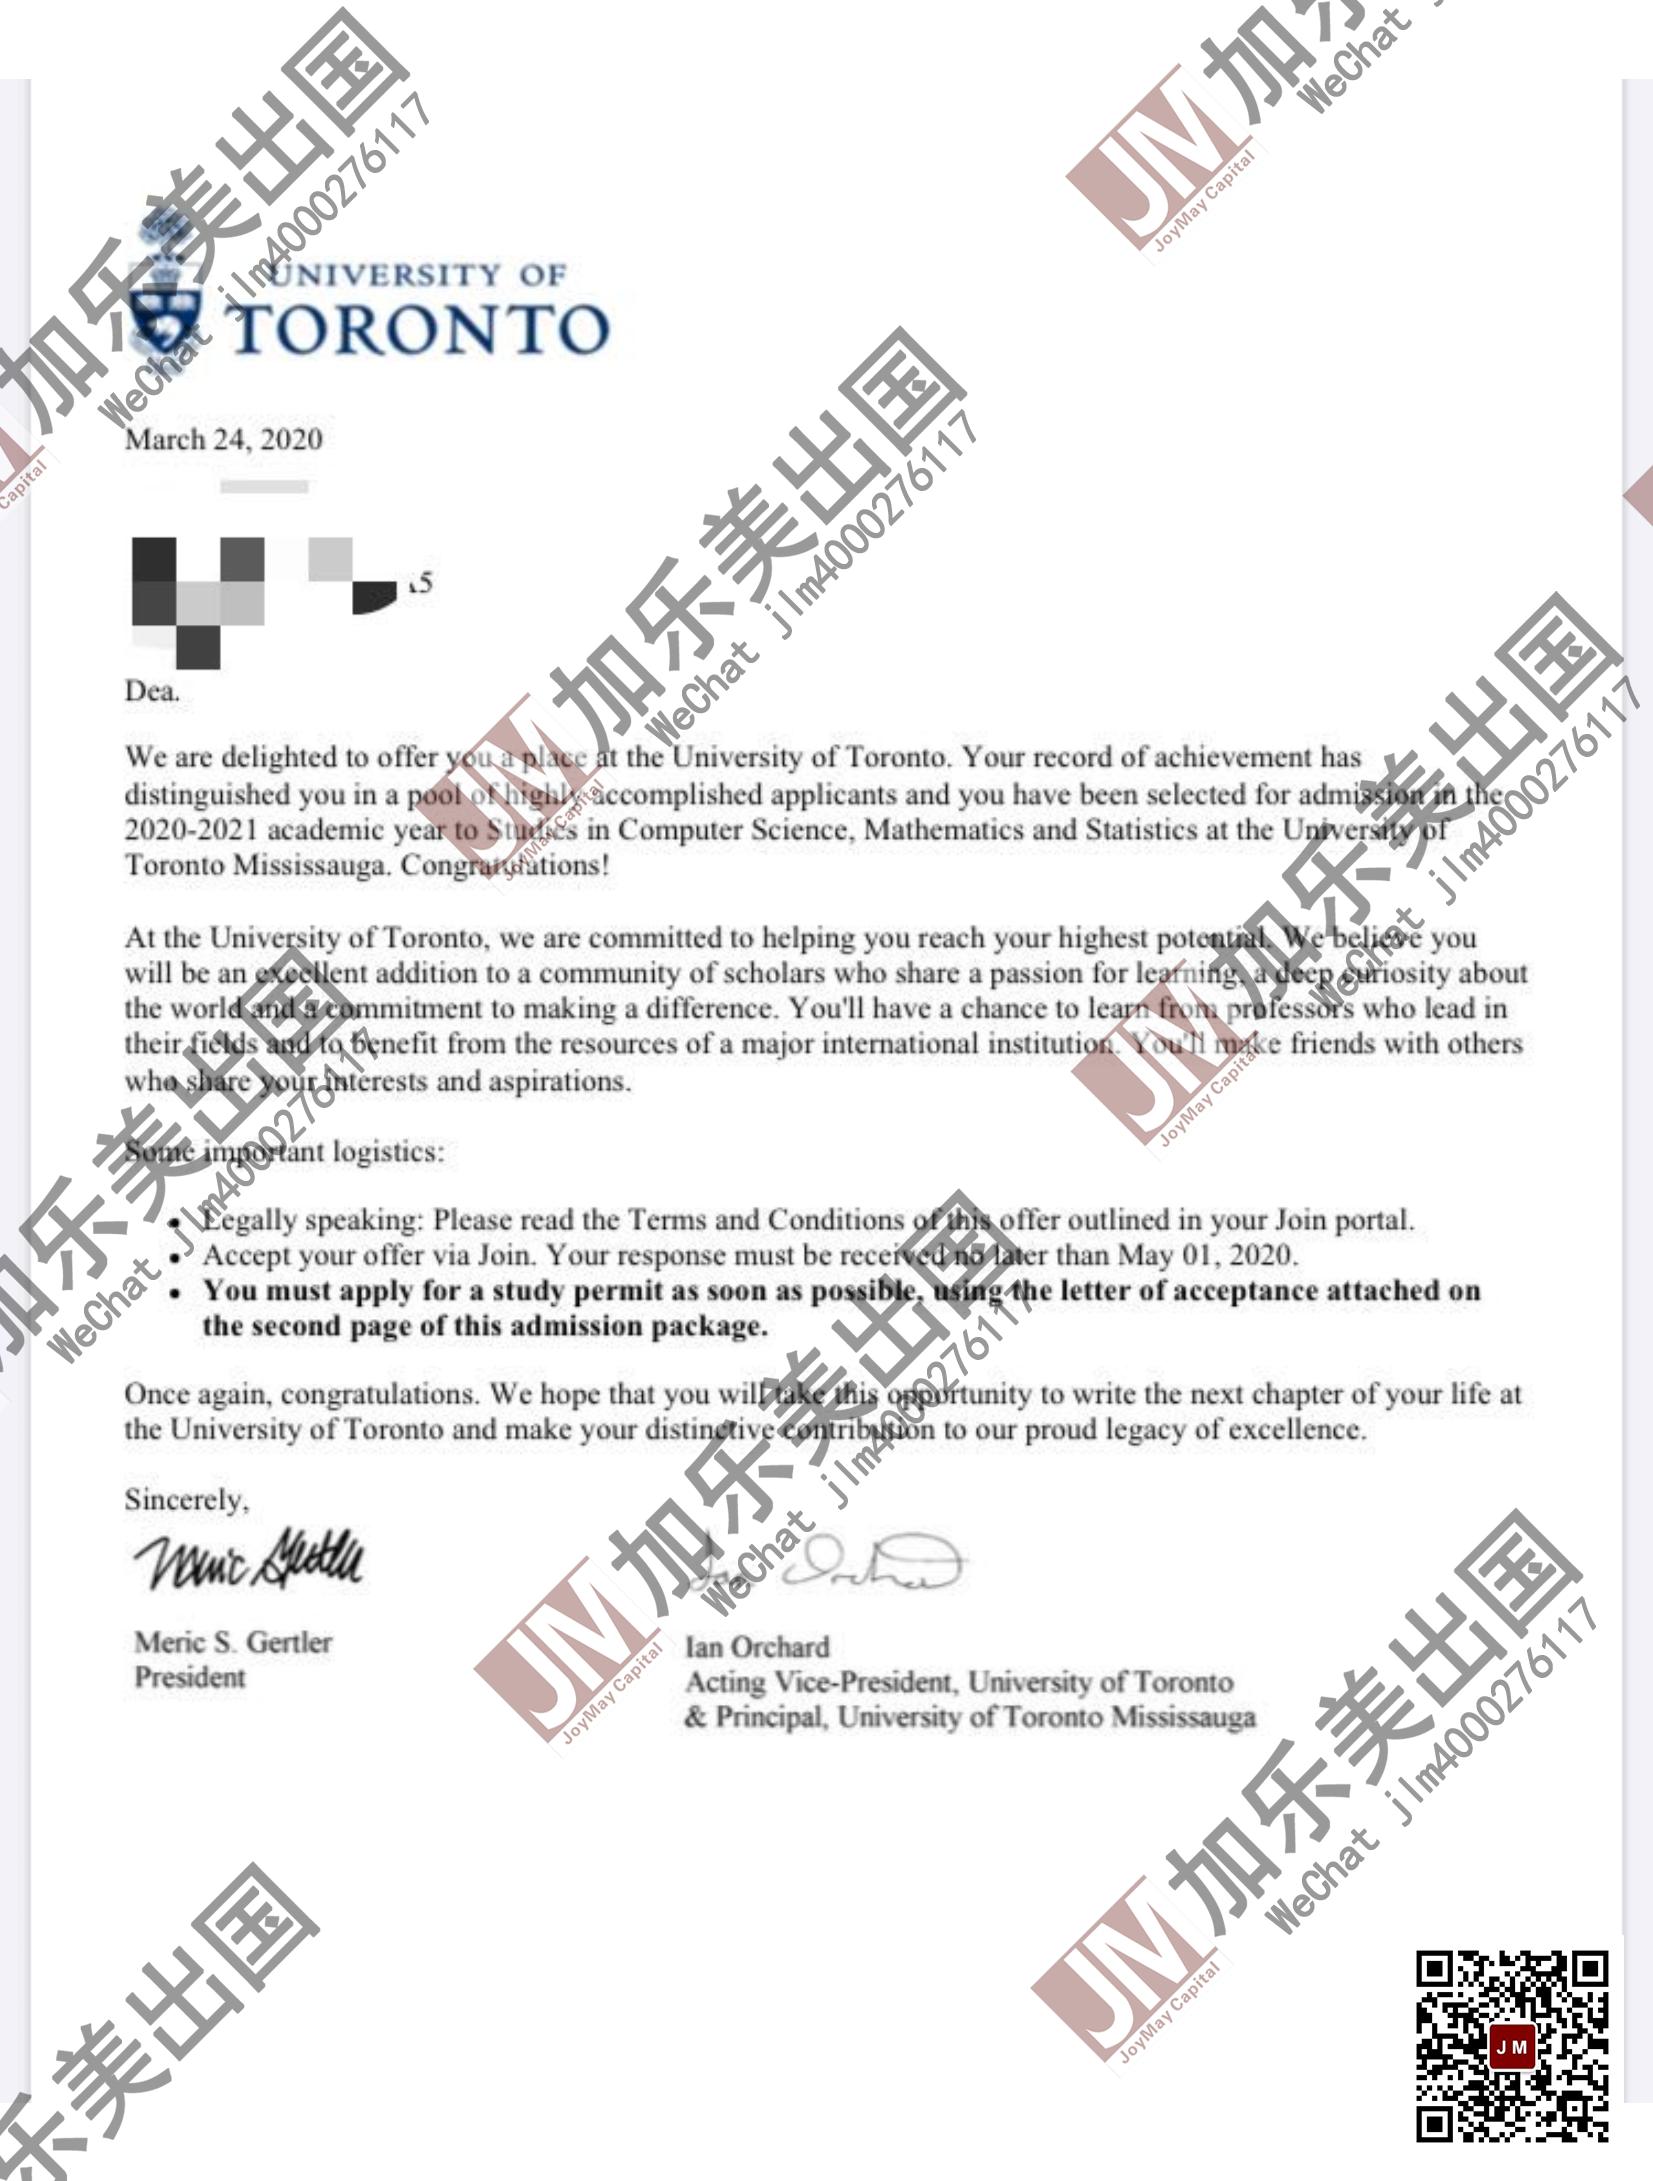 【加拿大留学】恭喜客户获得多伦多大学计算机与数学统计科学专业的录取offer